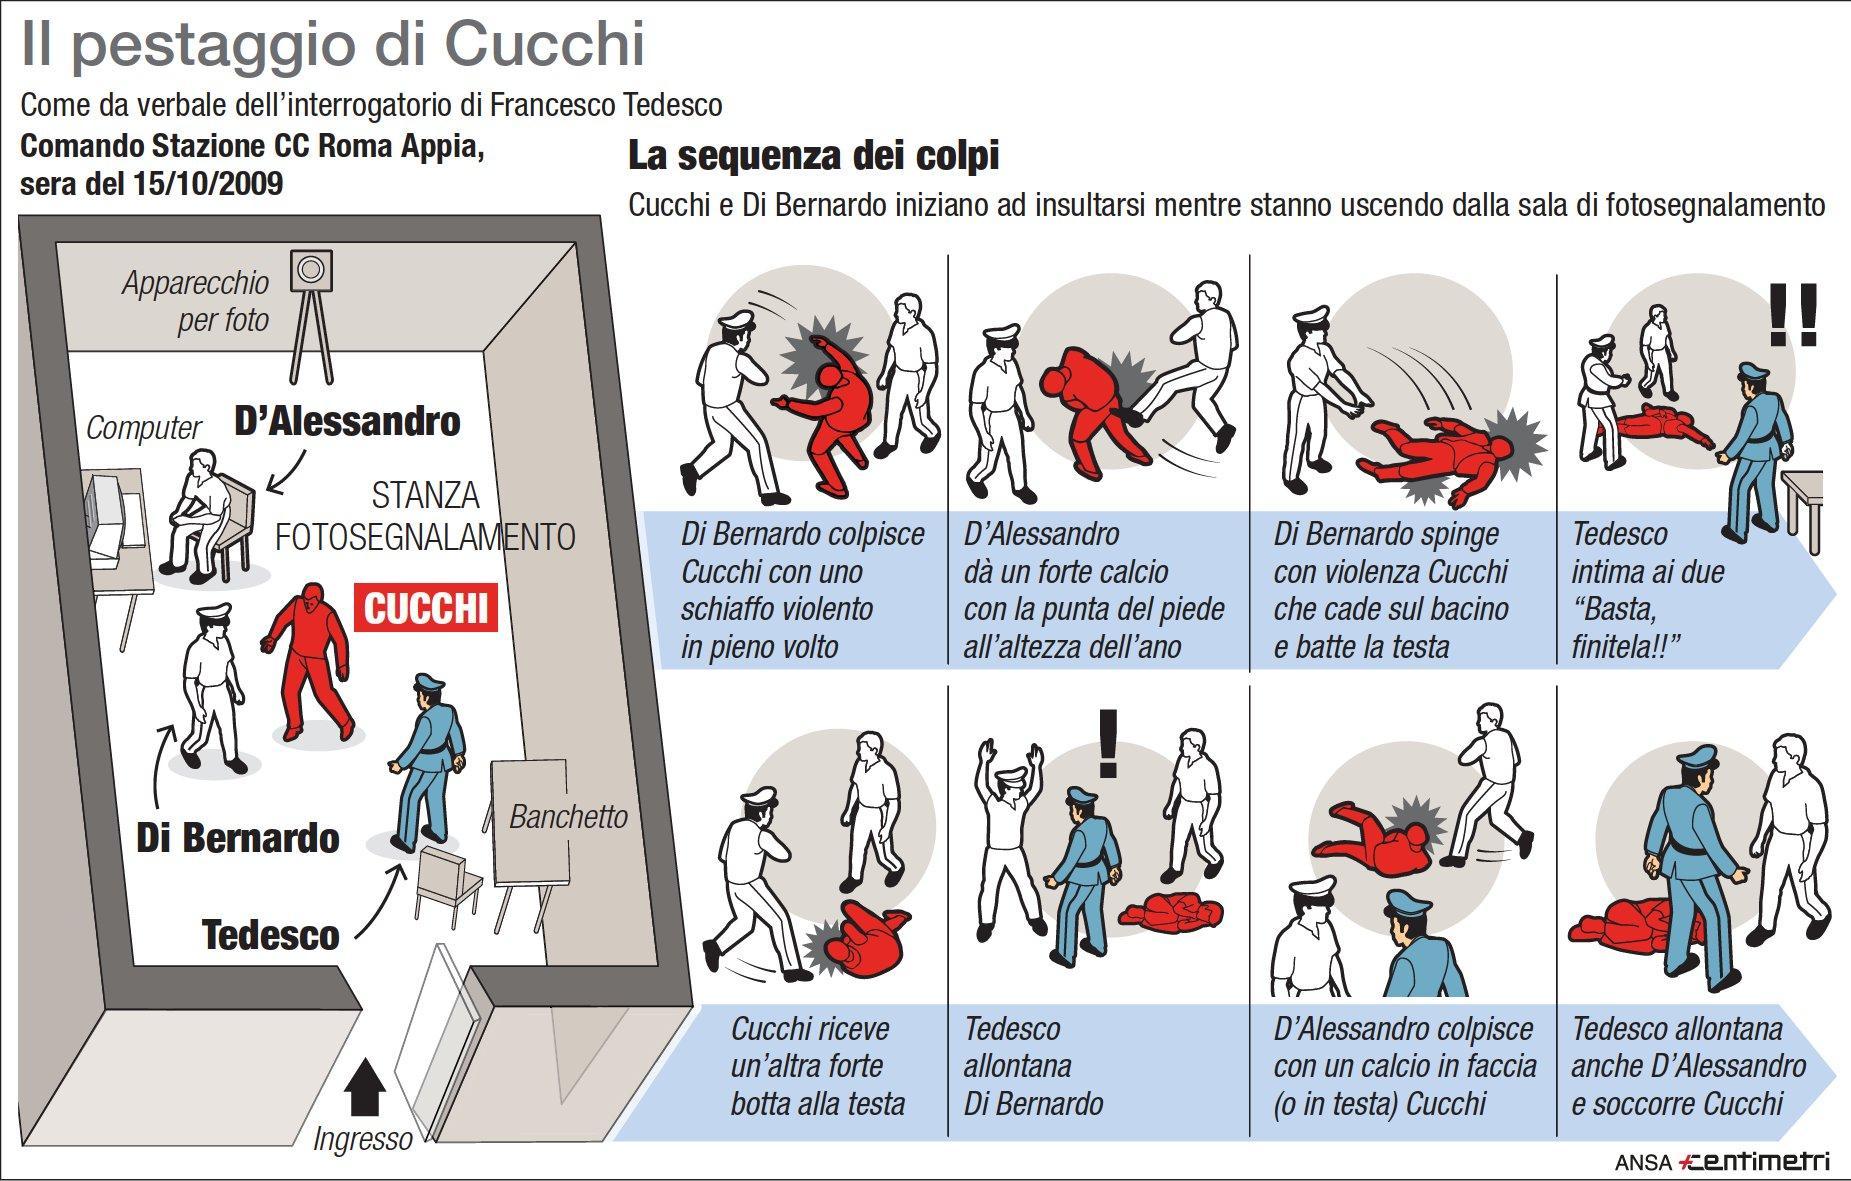 Stefano Cucchi, la sequenza del pestaggio